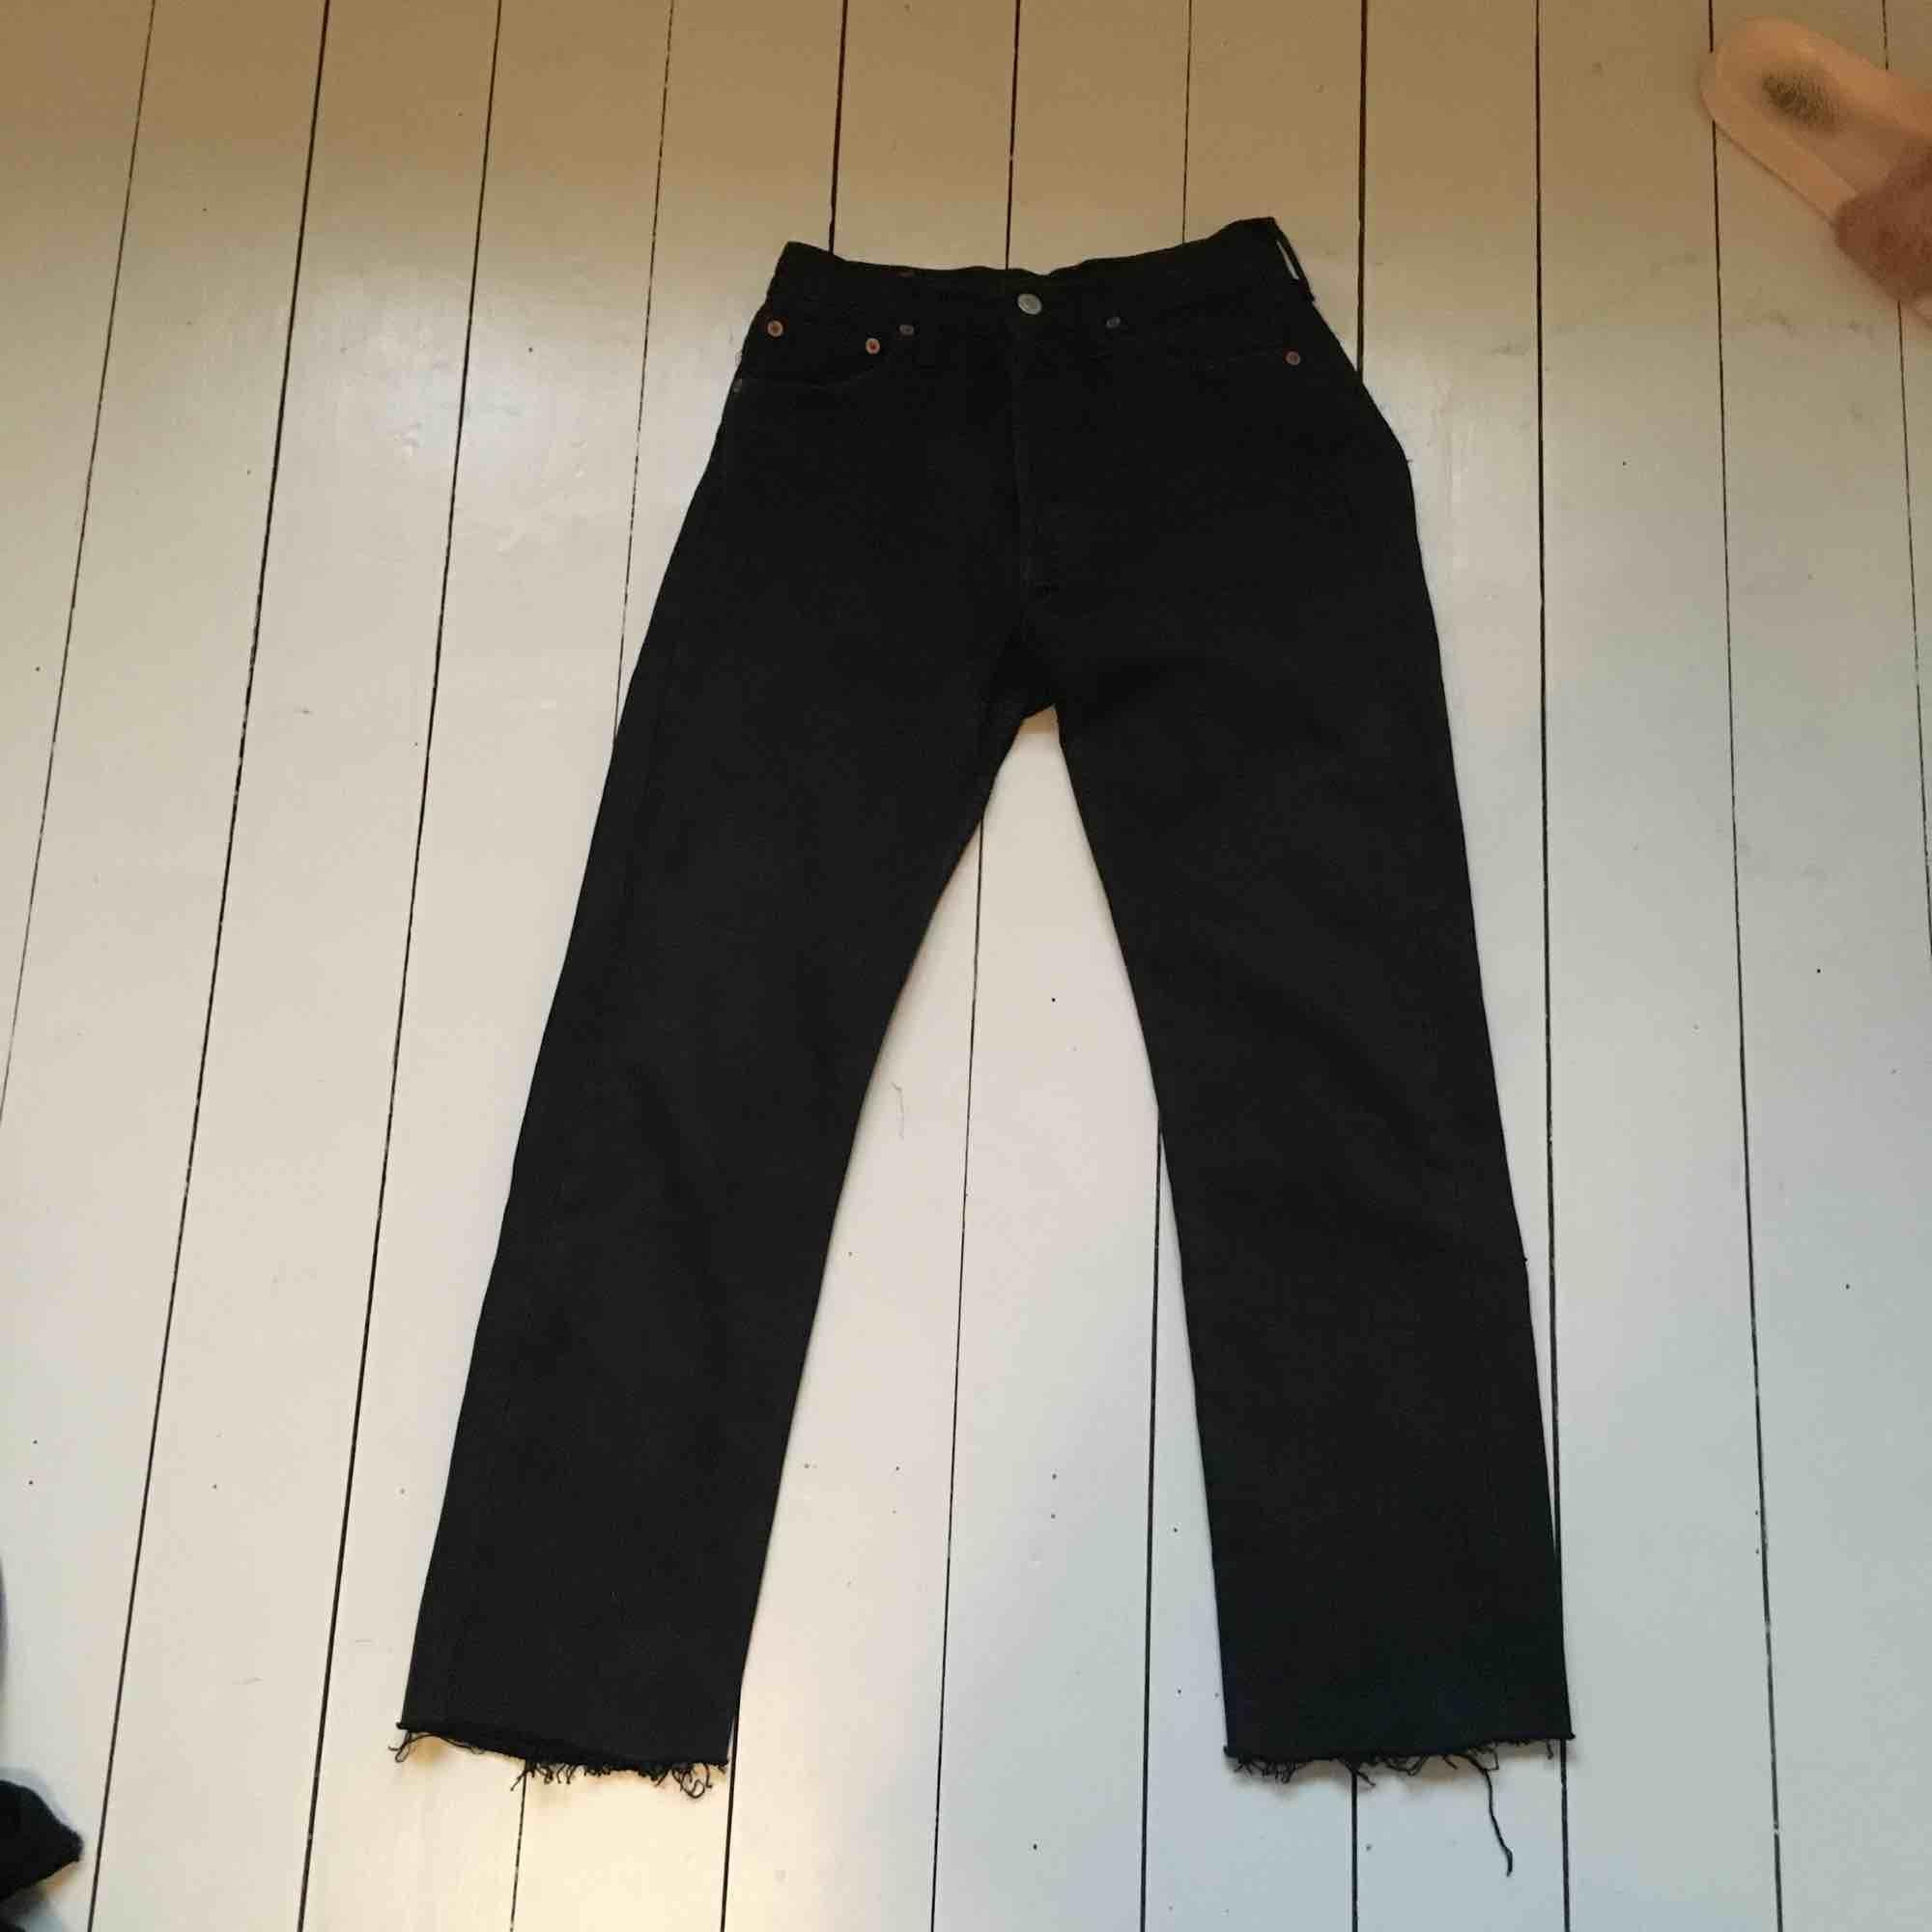 5fbfef7d5d47 Fina jeans köpa 2hand. Jag har klippt dem nedtill! Funkar på mig som är